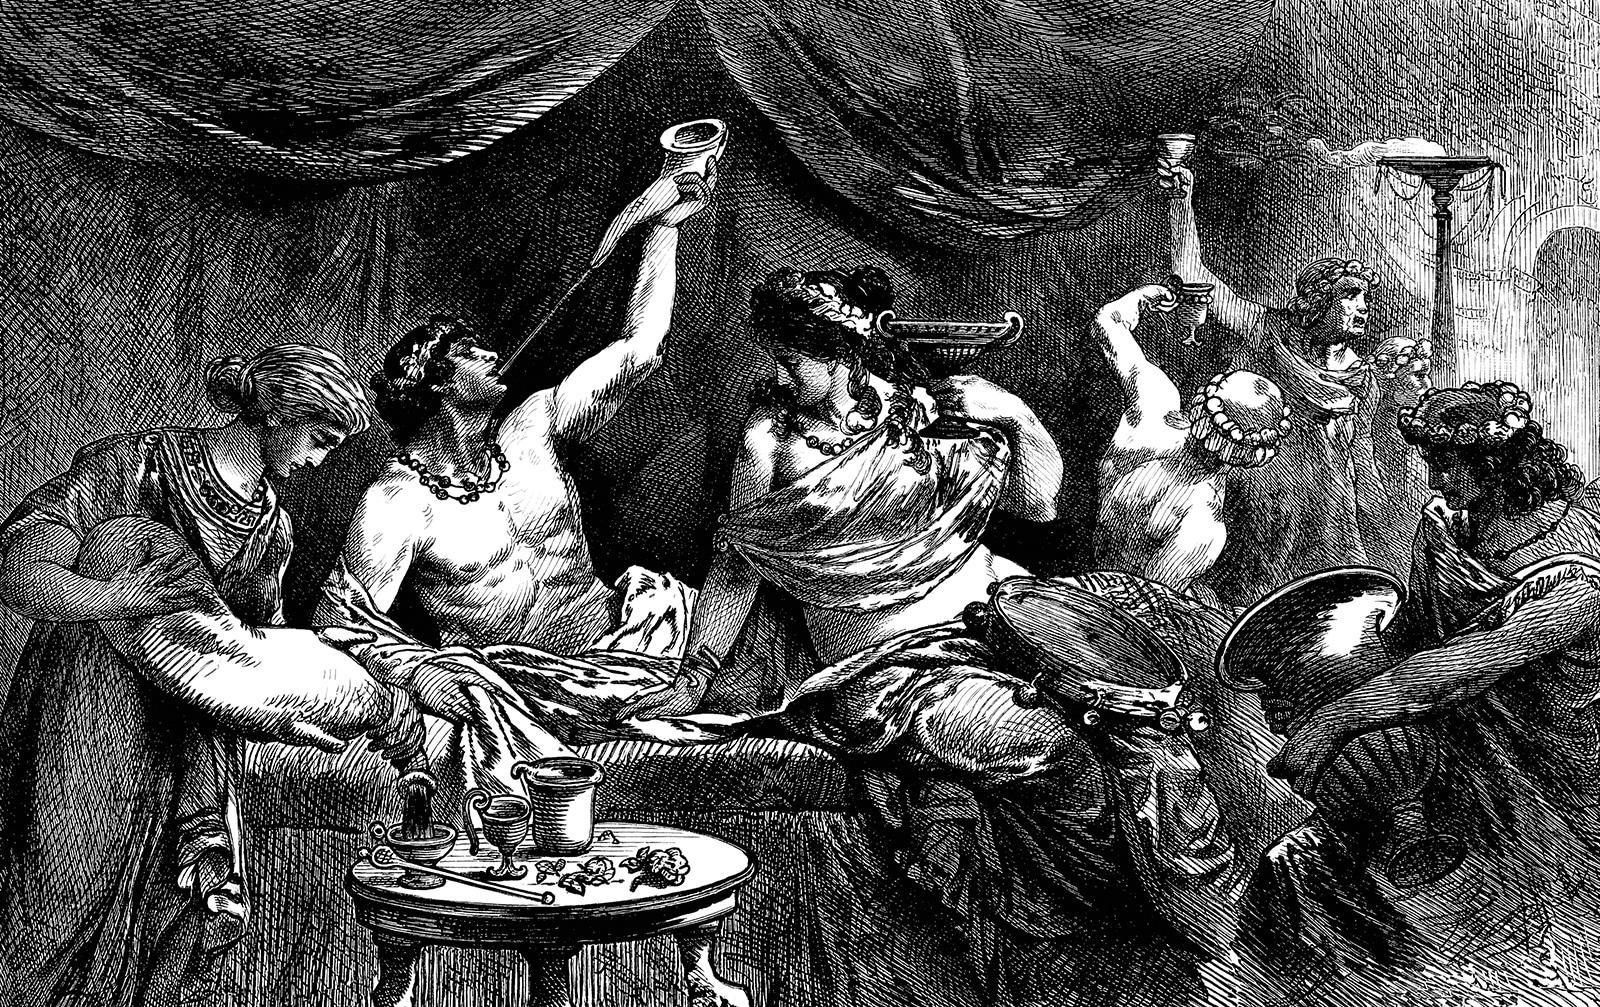 Matrimoni Romani Antichi : La cucina di roma antica cosa sappiamo dell alimentazione